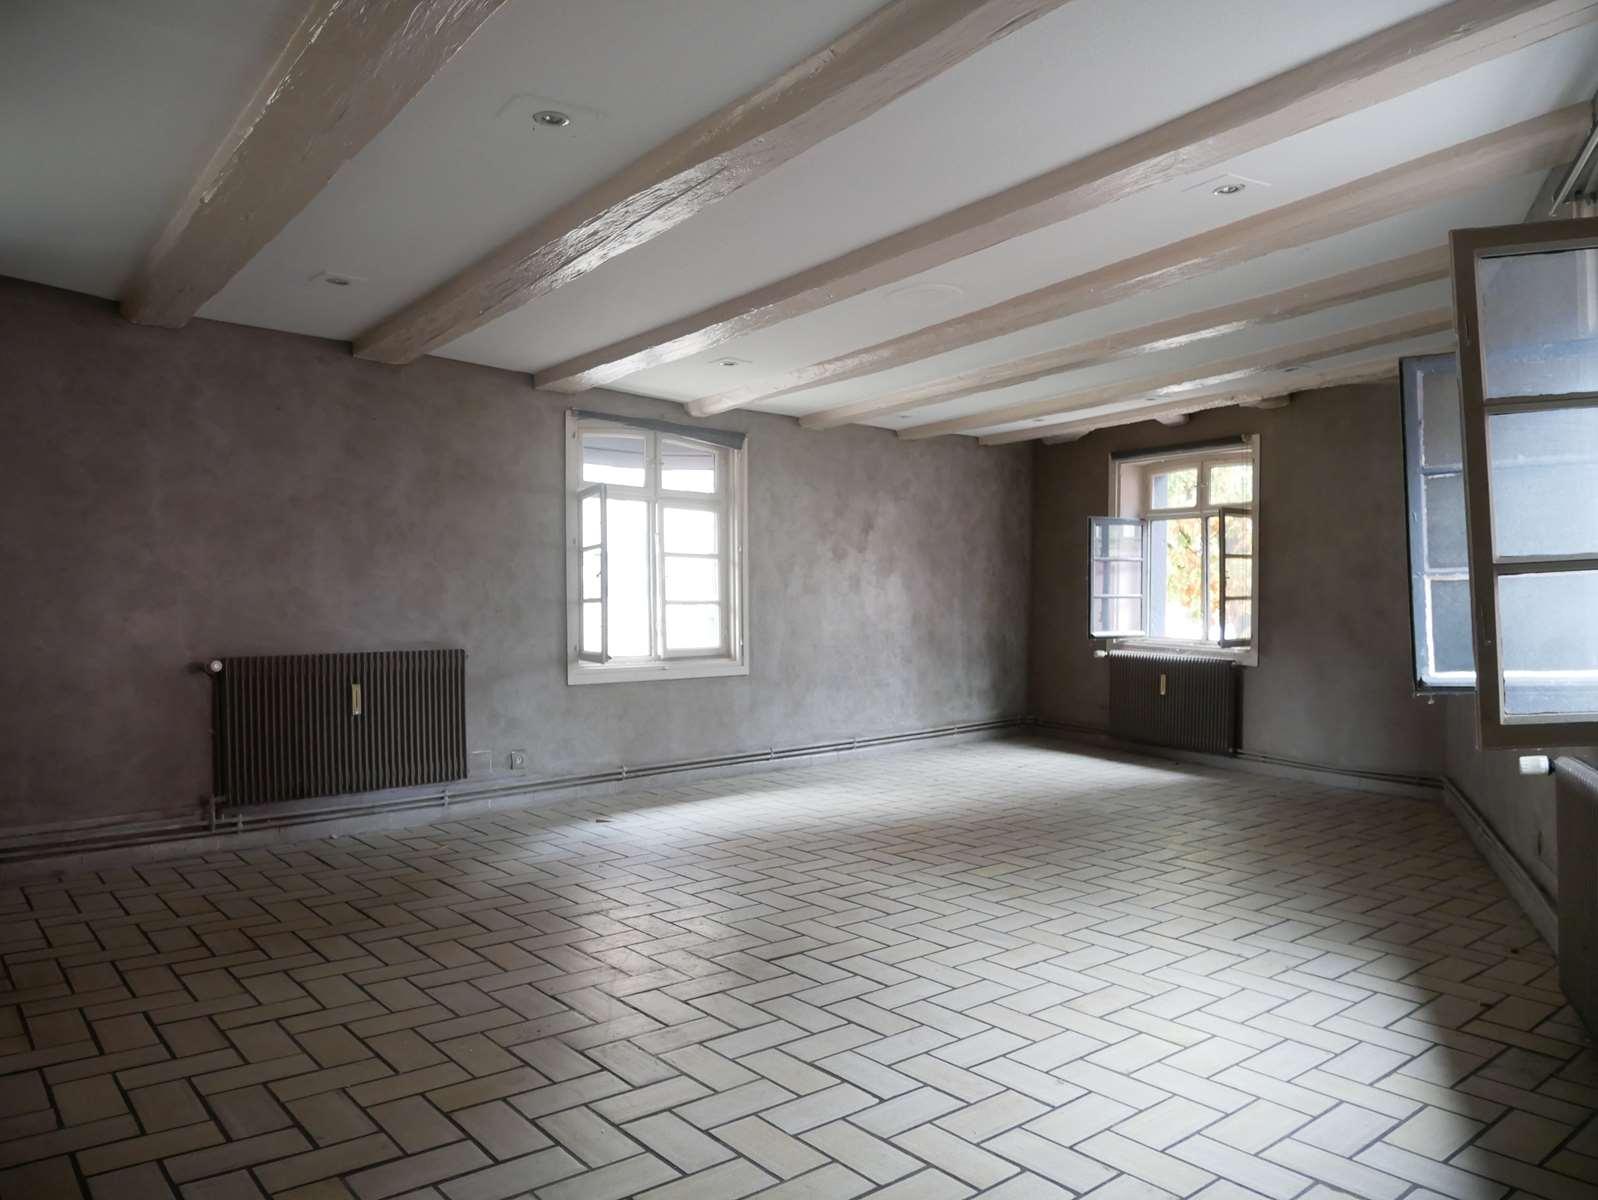 Très beaux murs commerciaux - Brumath centre / place de la Liberté - nos ventes - Beausite Immobilier 7